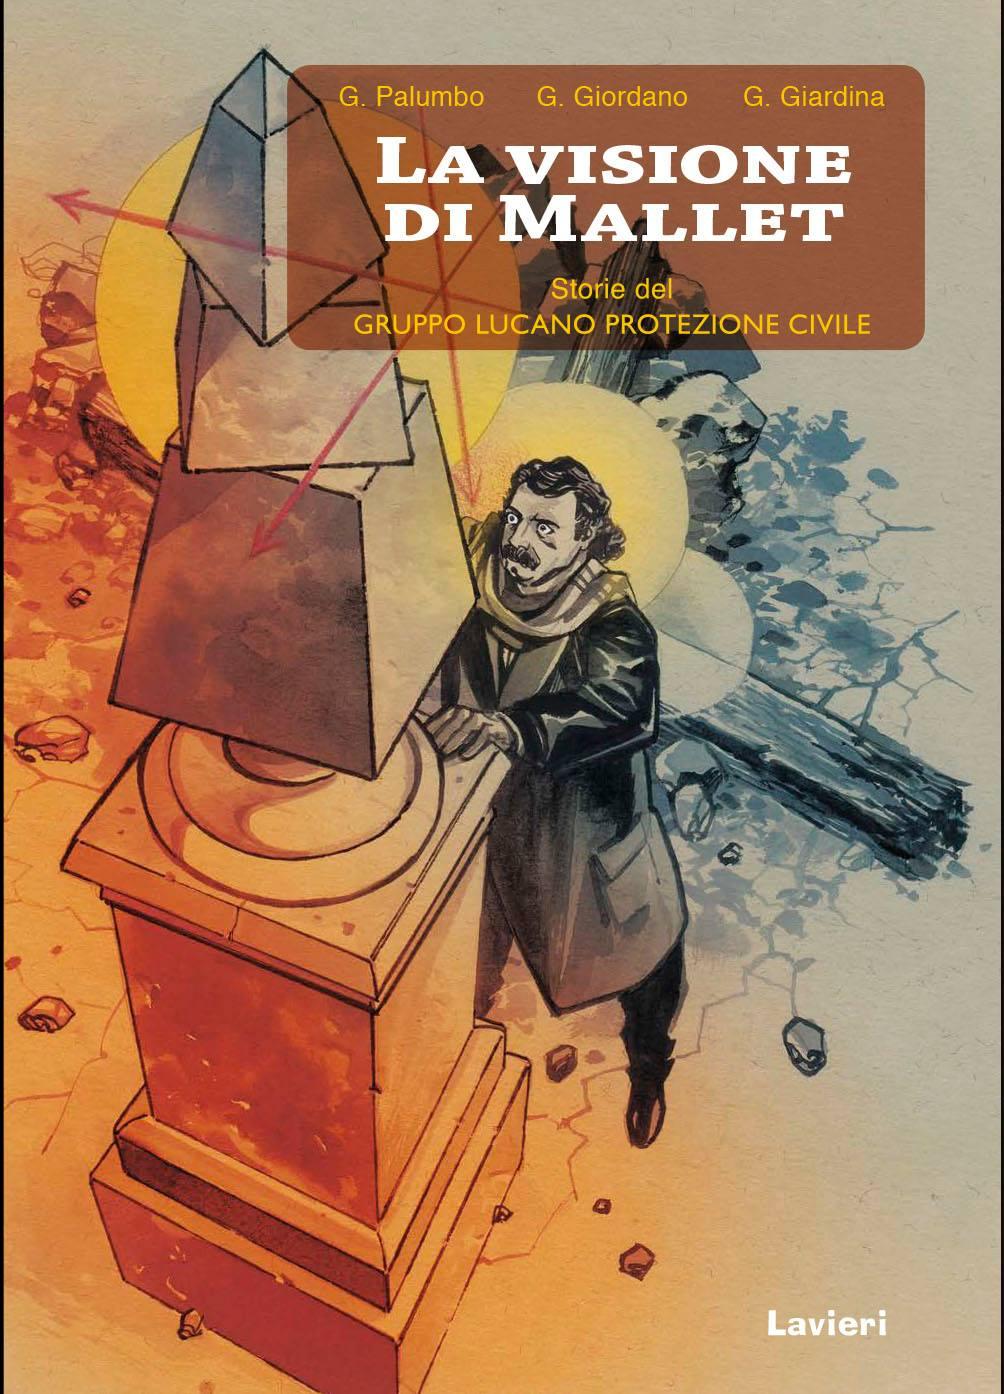 La Visione di Mallet per il Gruppo Lucano Protezione Civile